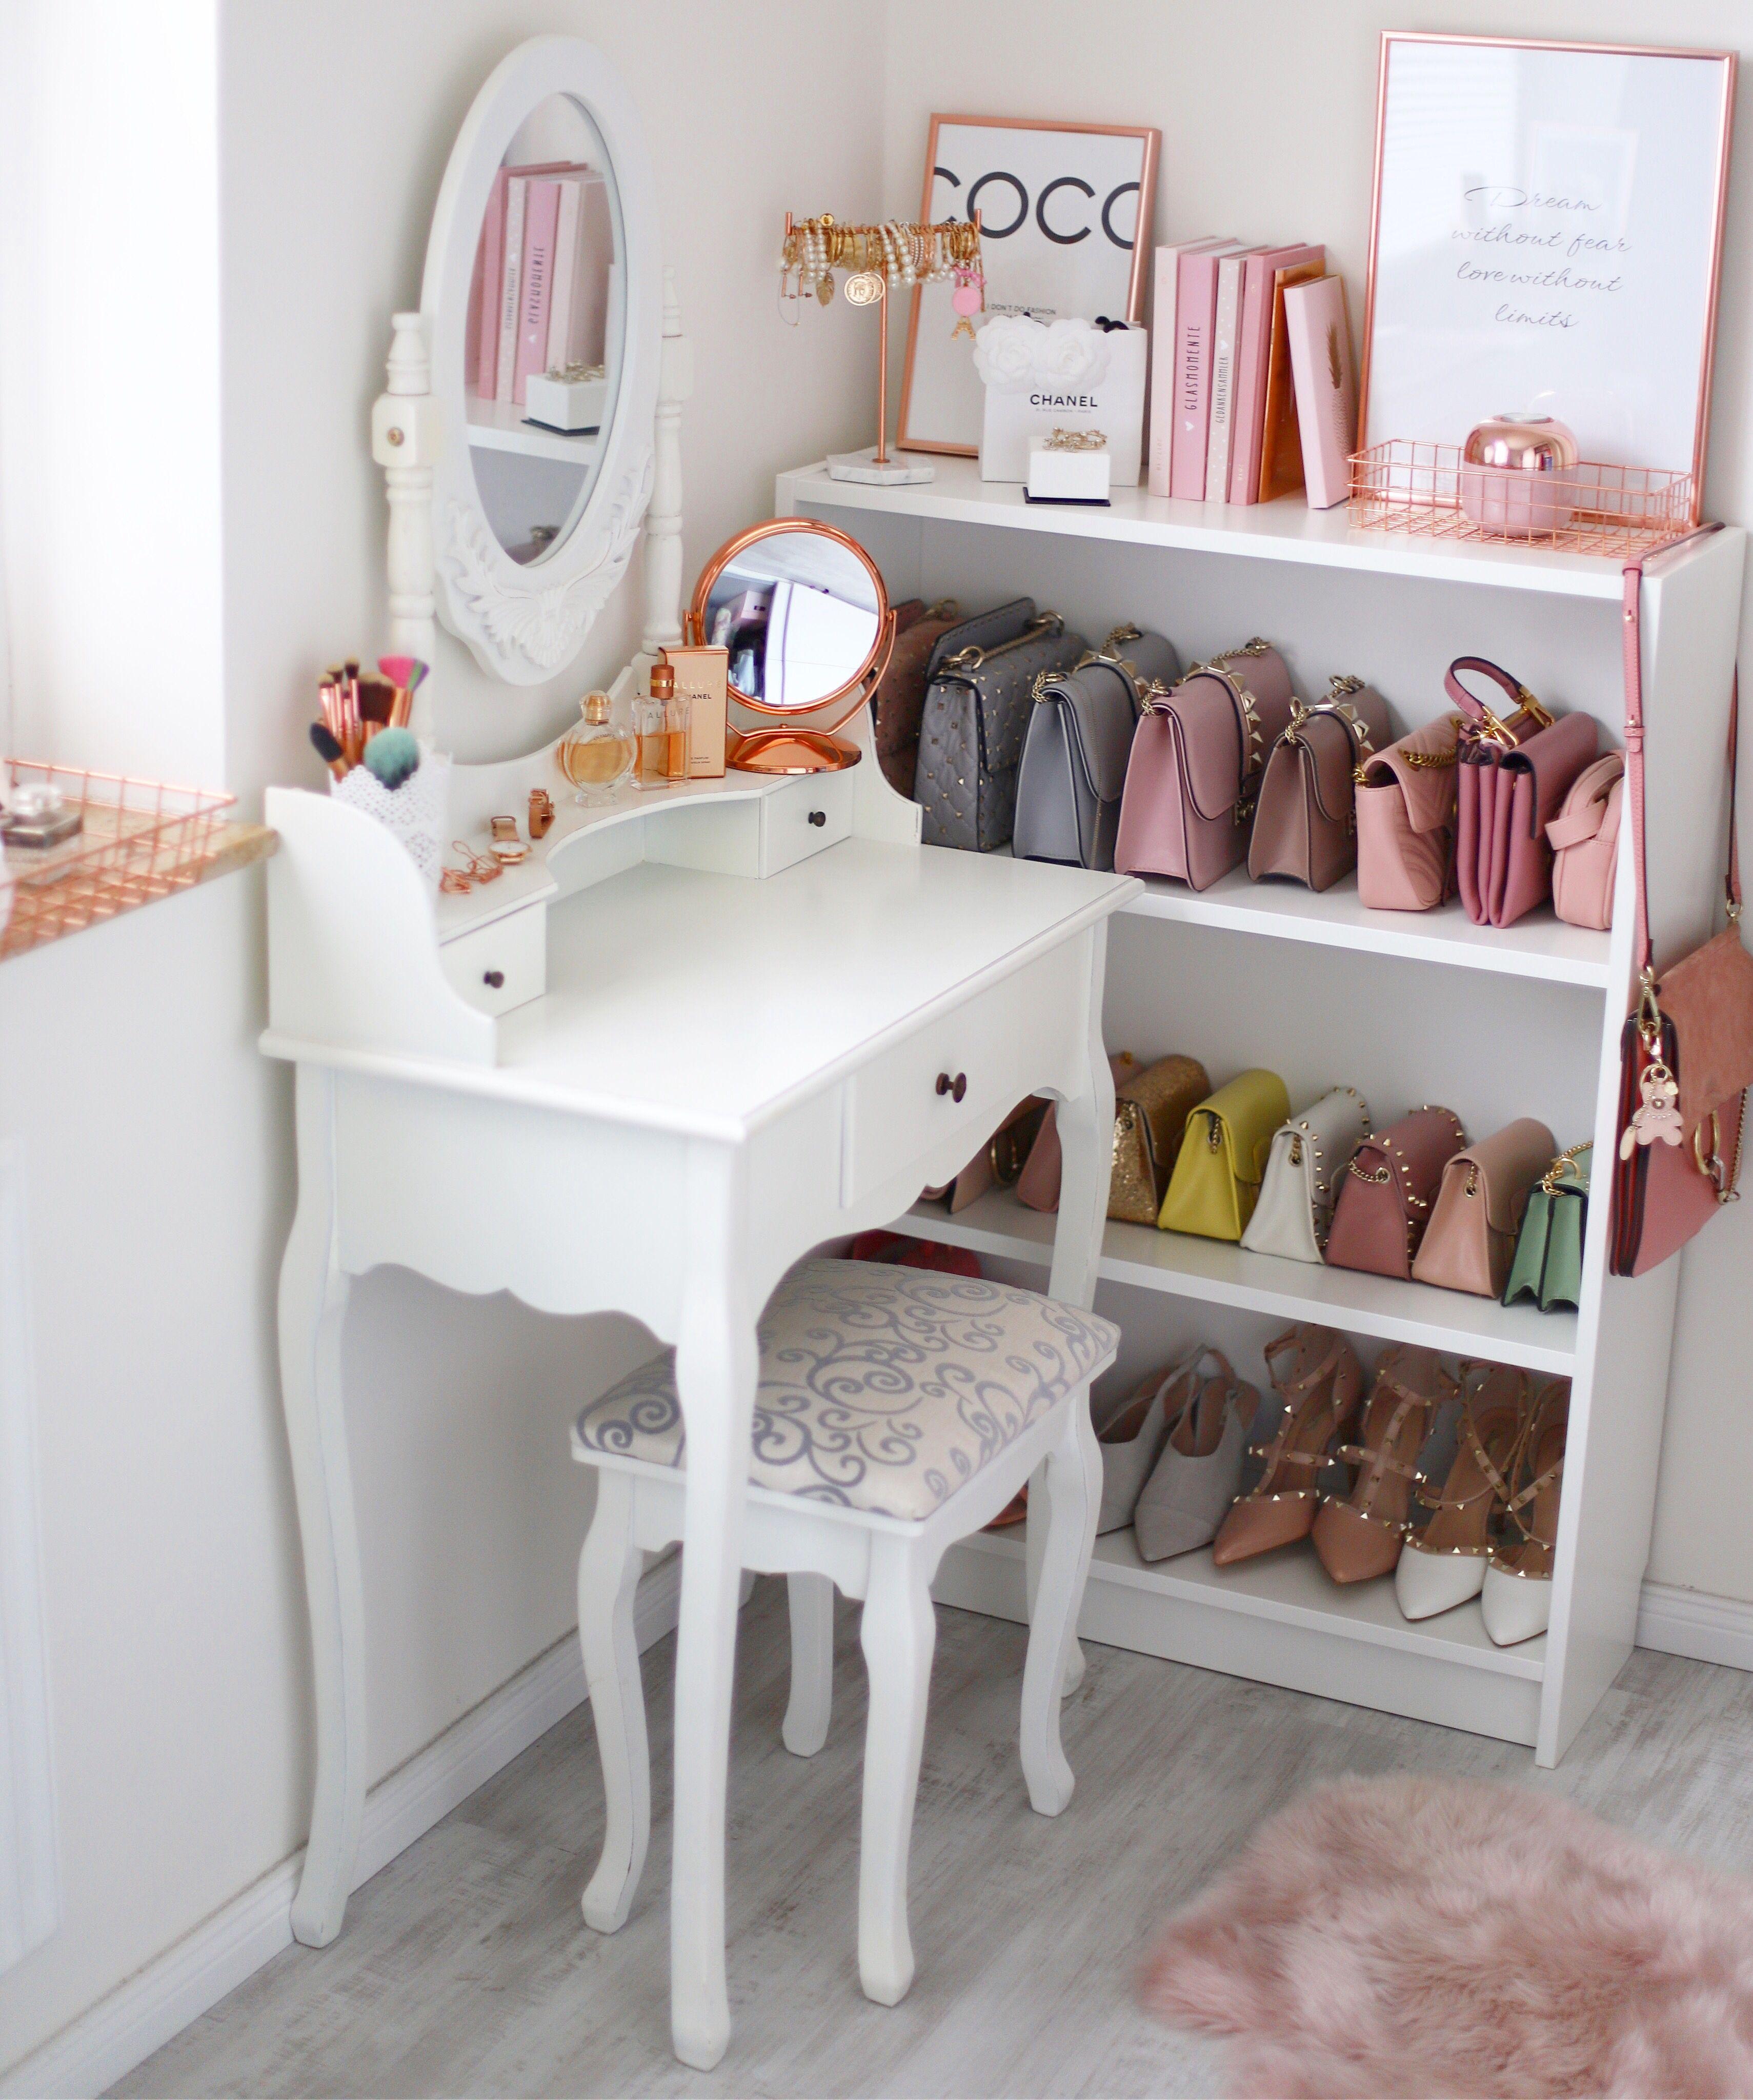 Ankleidezimmer Schminktisch Closetroom Designerbags Board Interior  #shoecloset